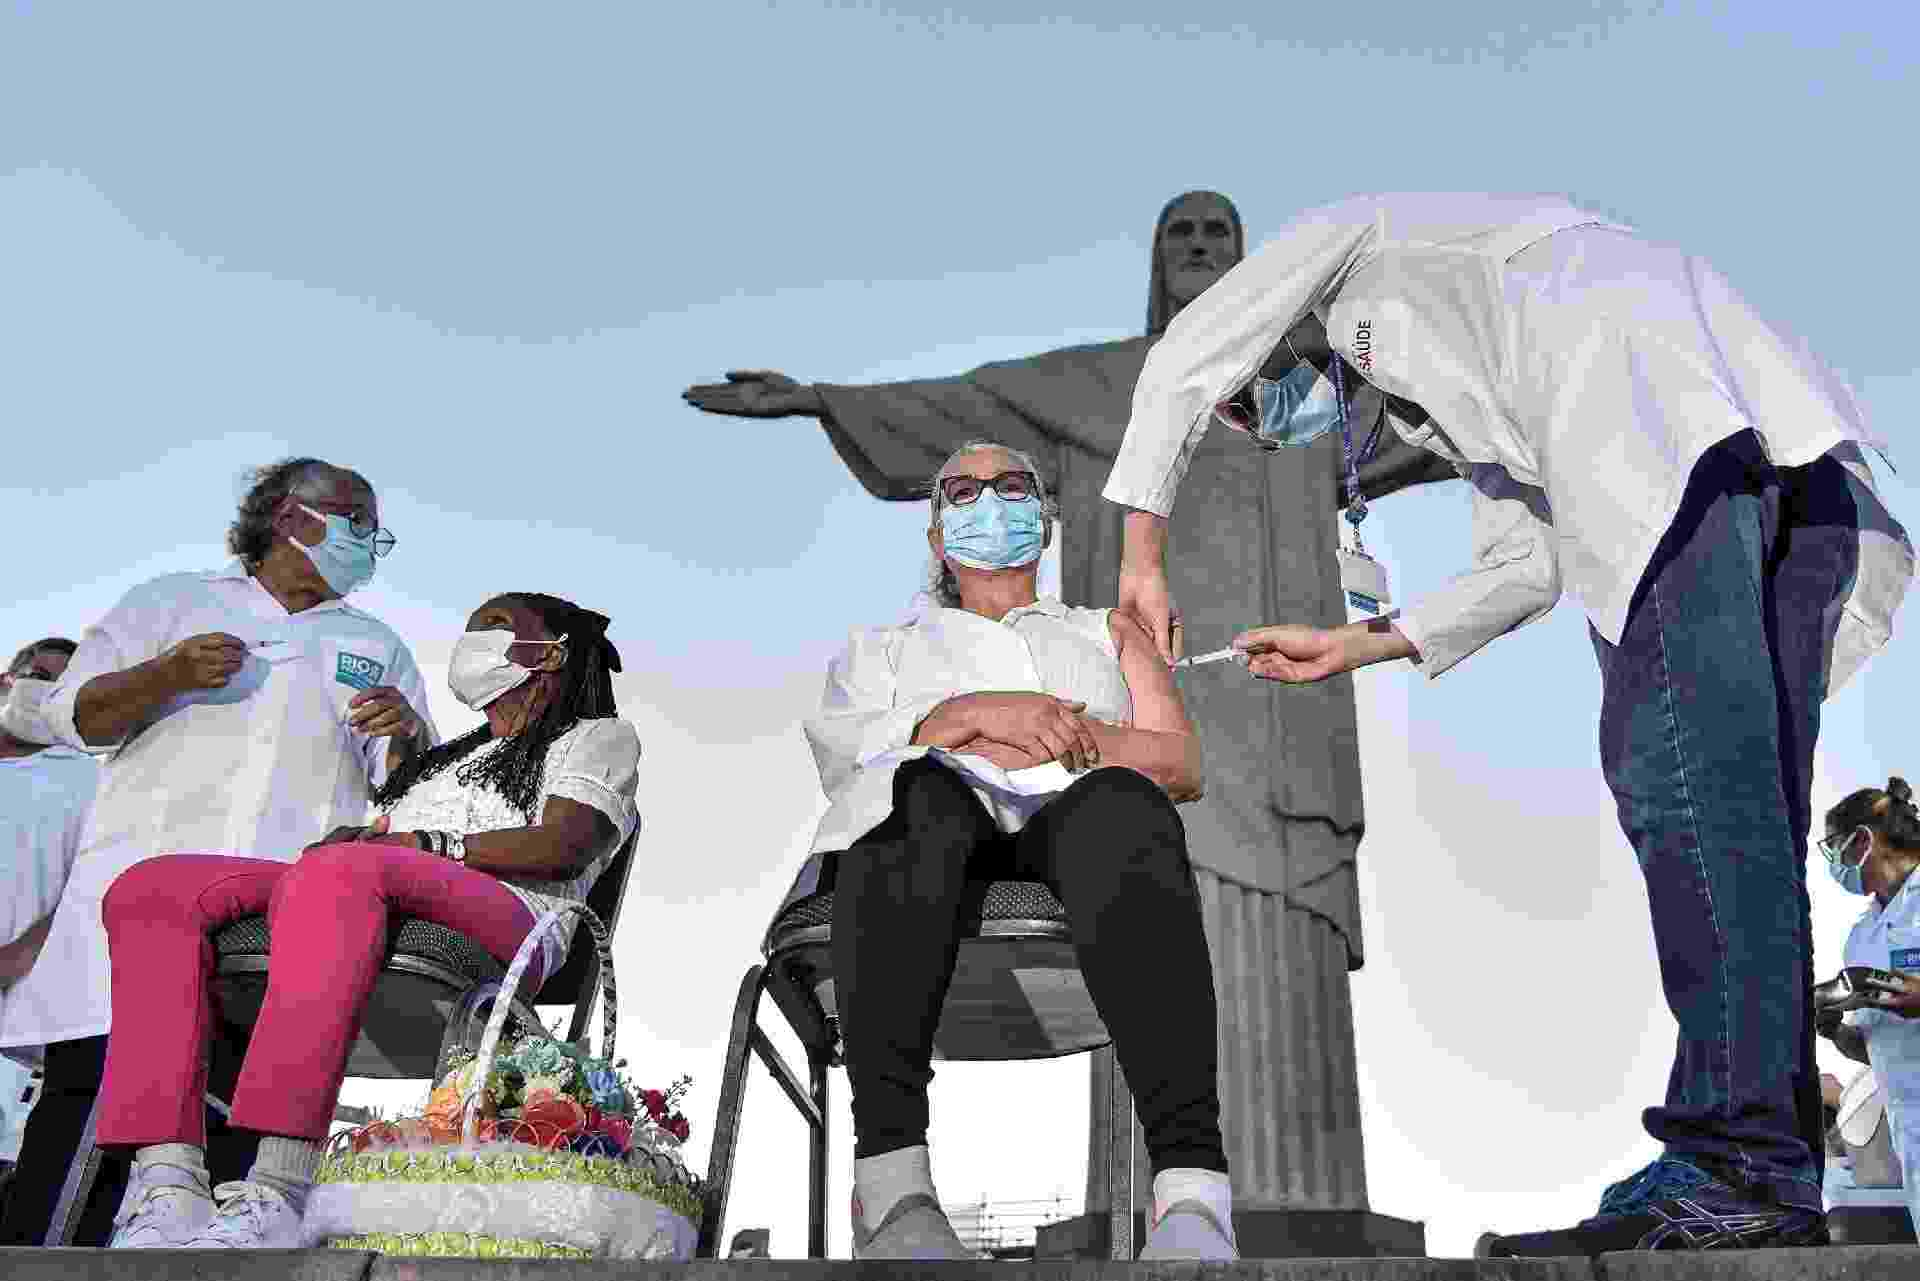 18.jan.2021 - Terezinha da Conceição, 80, e Dulcineia da Silva, 59, receberam a primeira dose da CoronaVac no Cristo Redentor - Thiago Ribeiro/Estadão Conteúdo